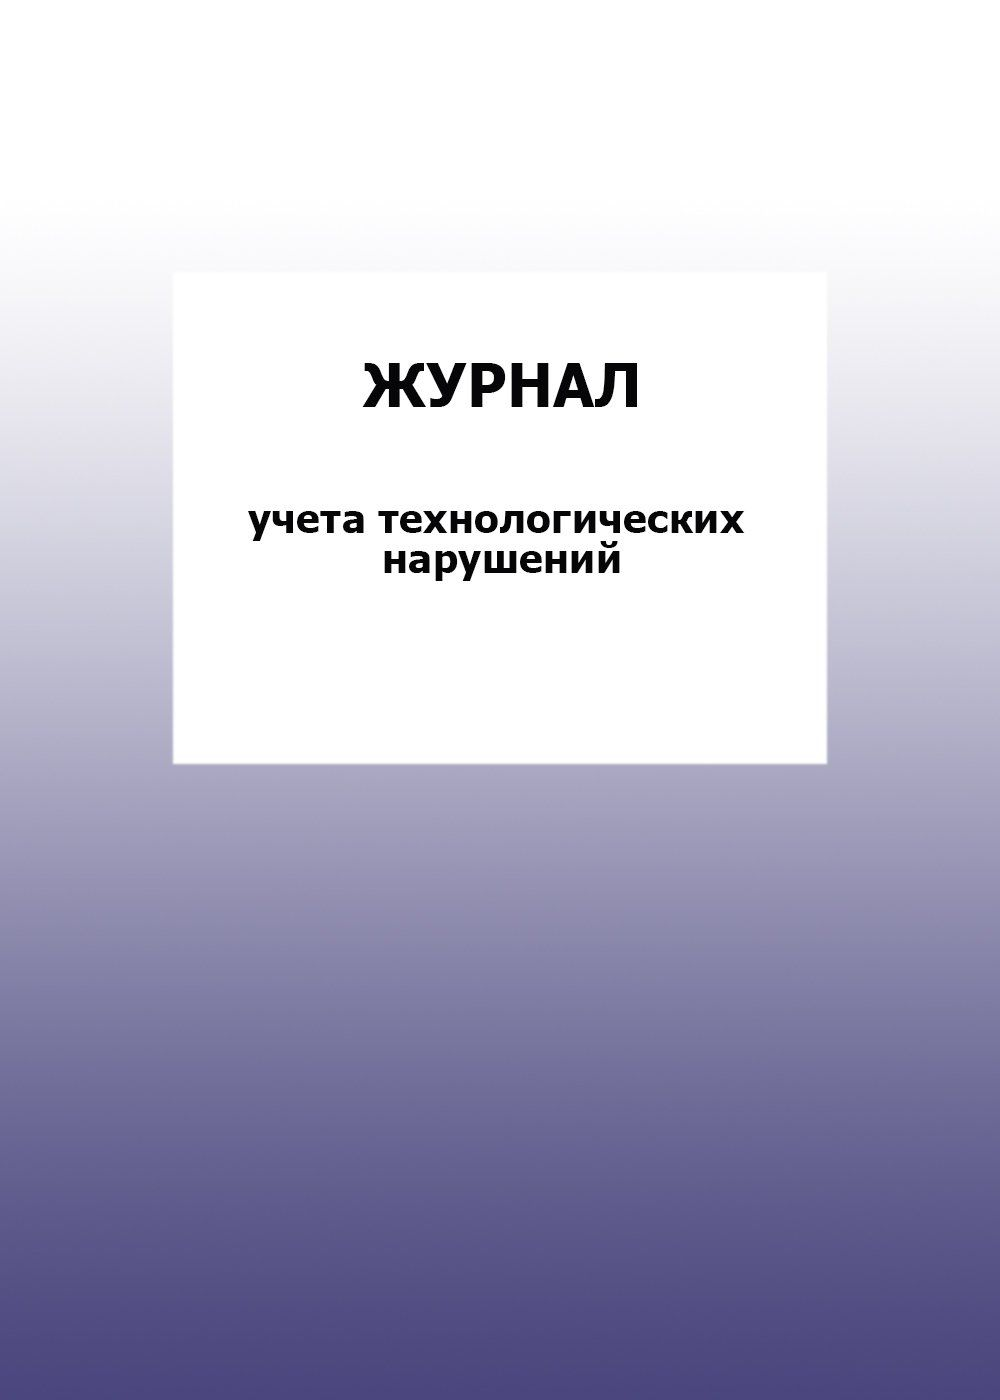 Журнал учета технологических нарушений: упаковка 100 шт.